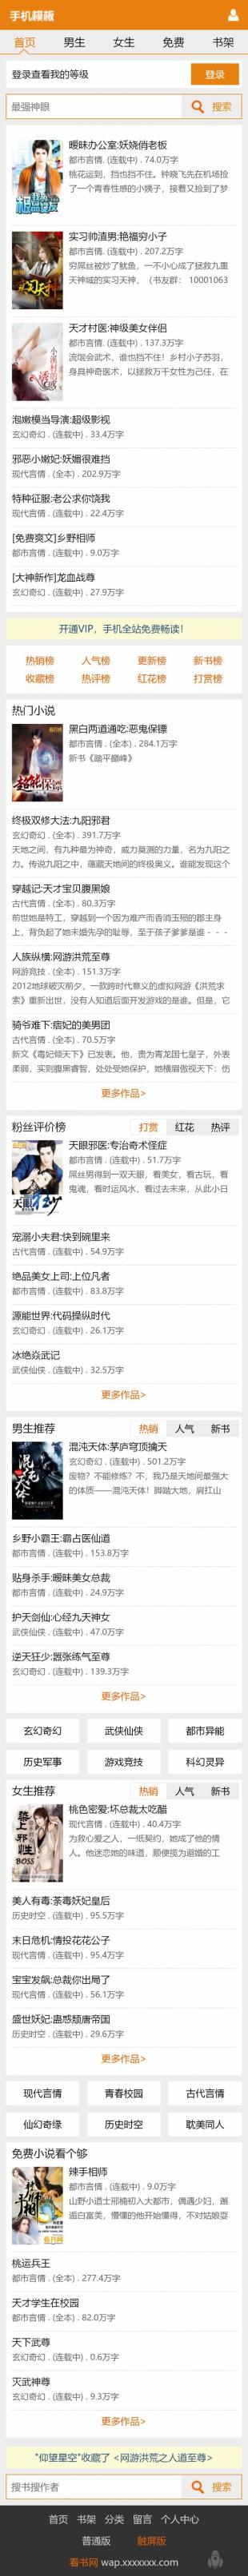 触屏版手机wap小说网站模板制作手机图片